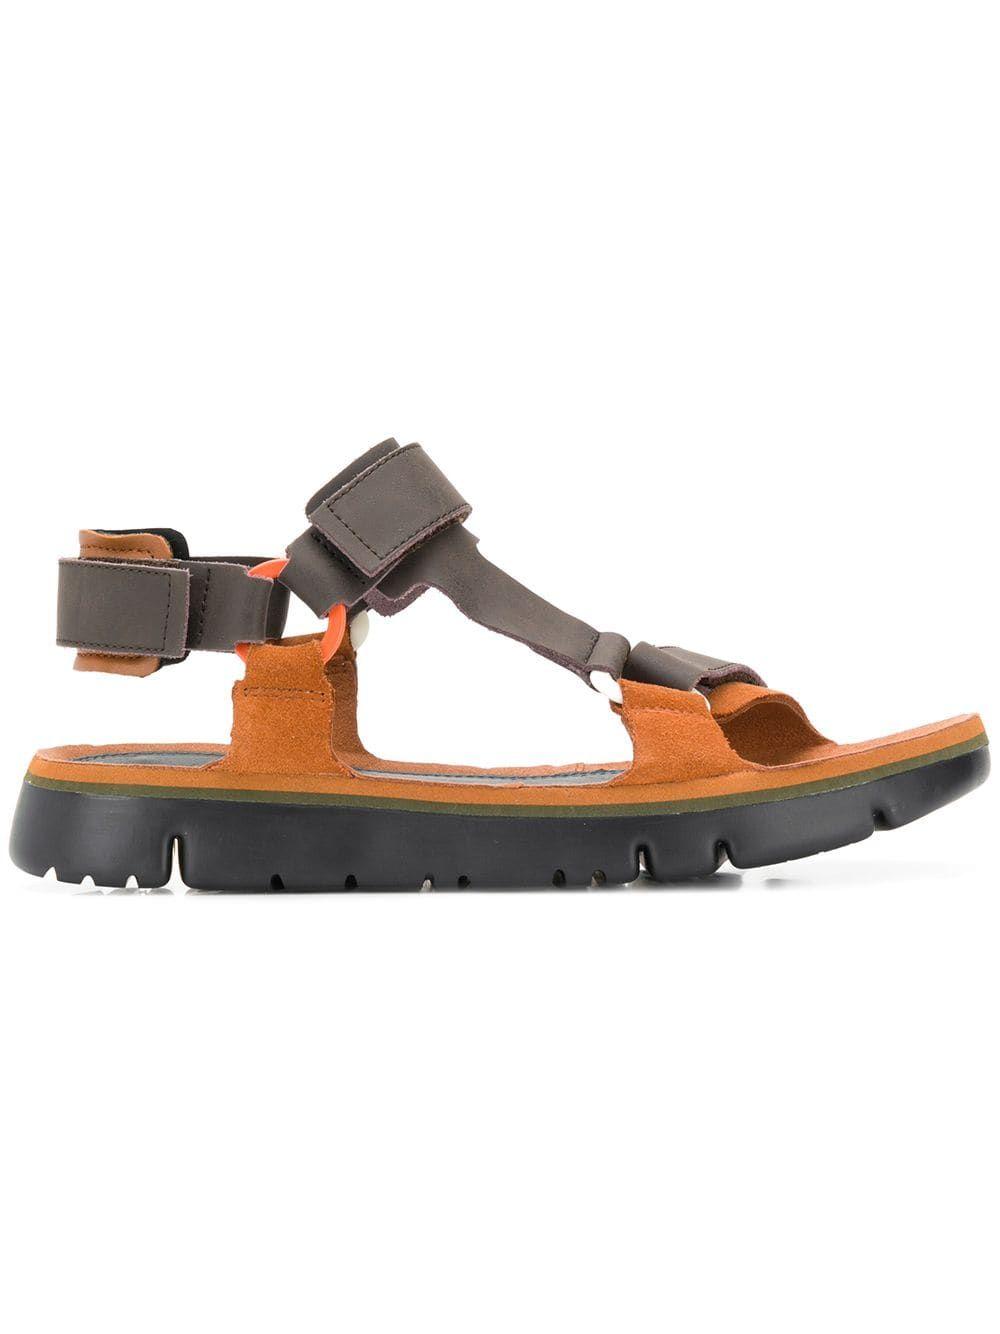 Oruga sandals | Brown sandals, Sandals, Camper